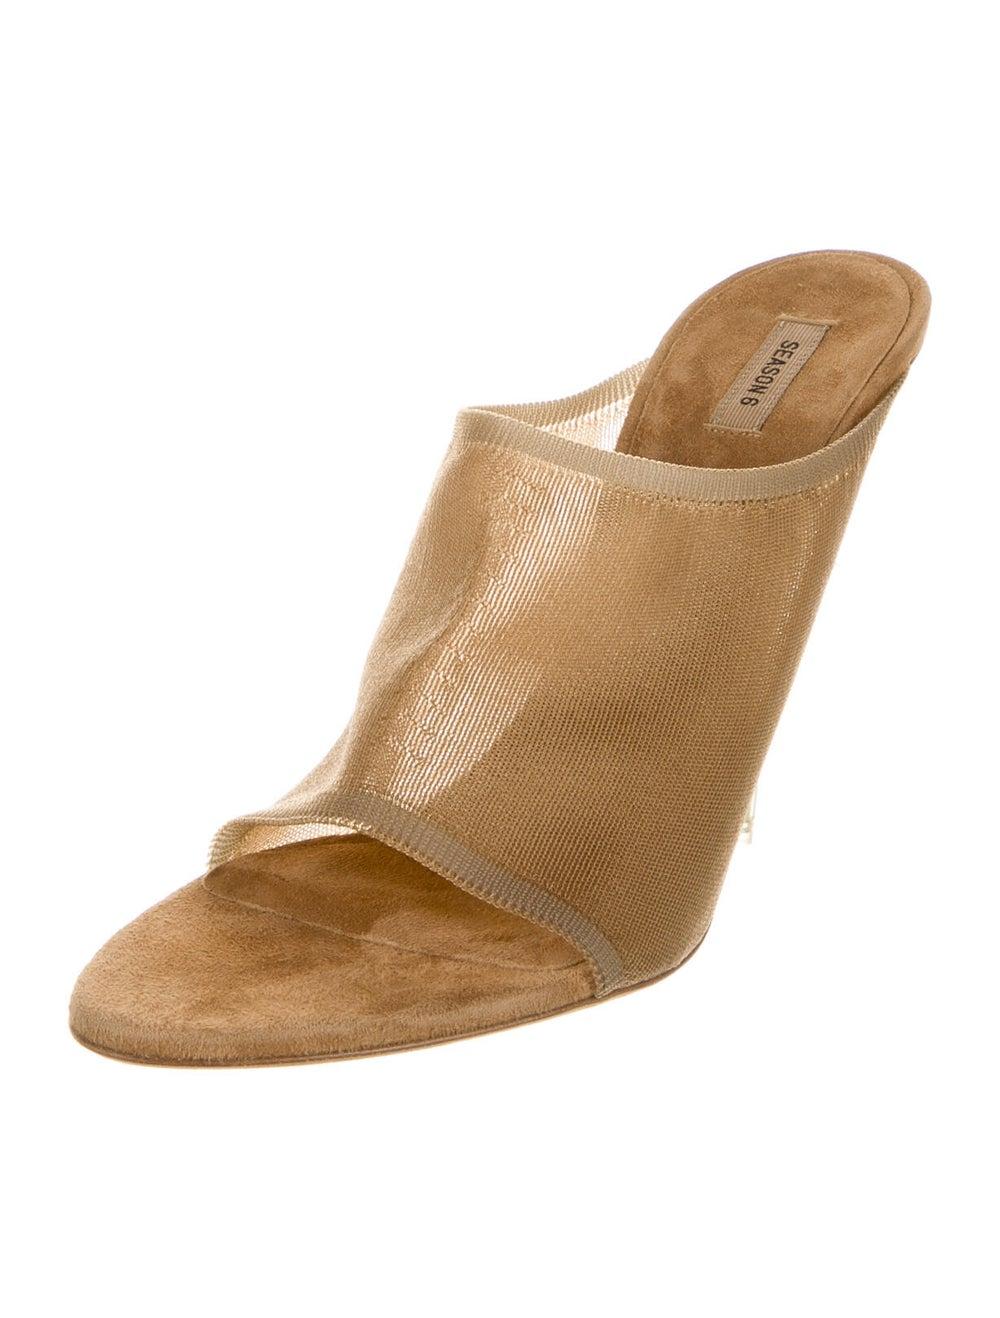 Yeezy Season 6 Sandals - image 2